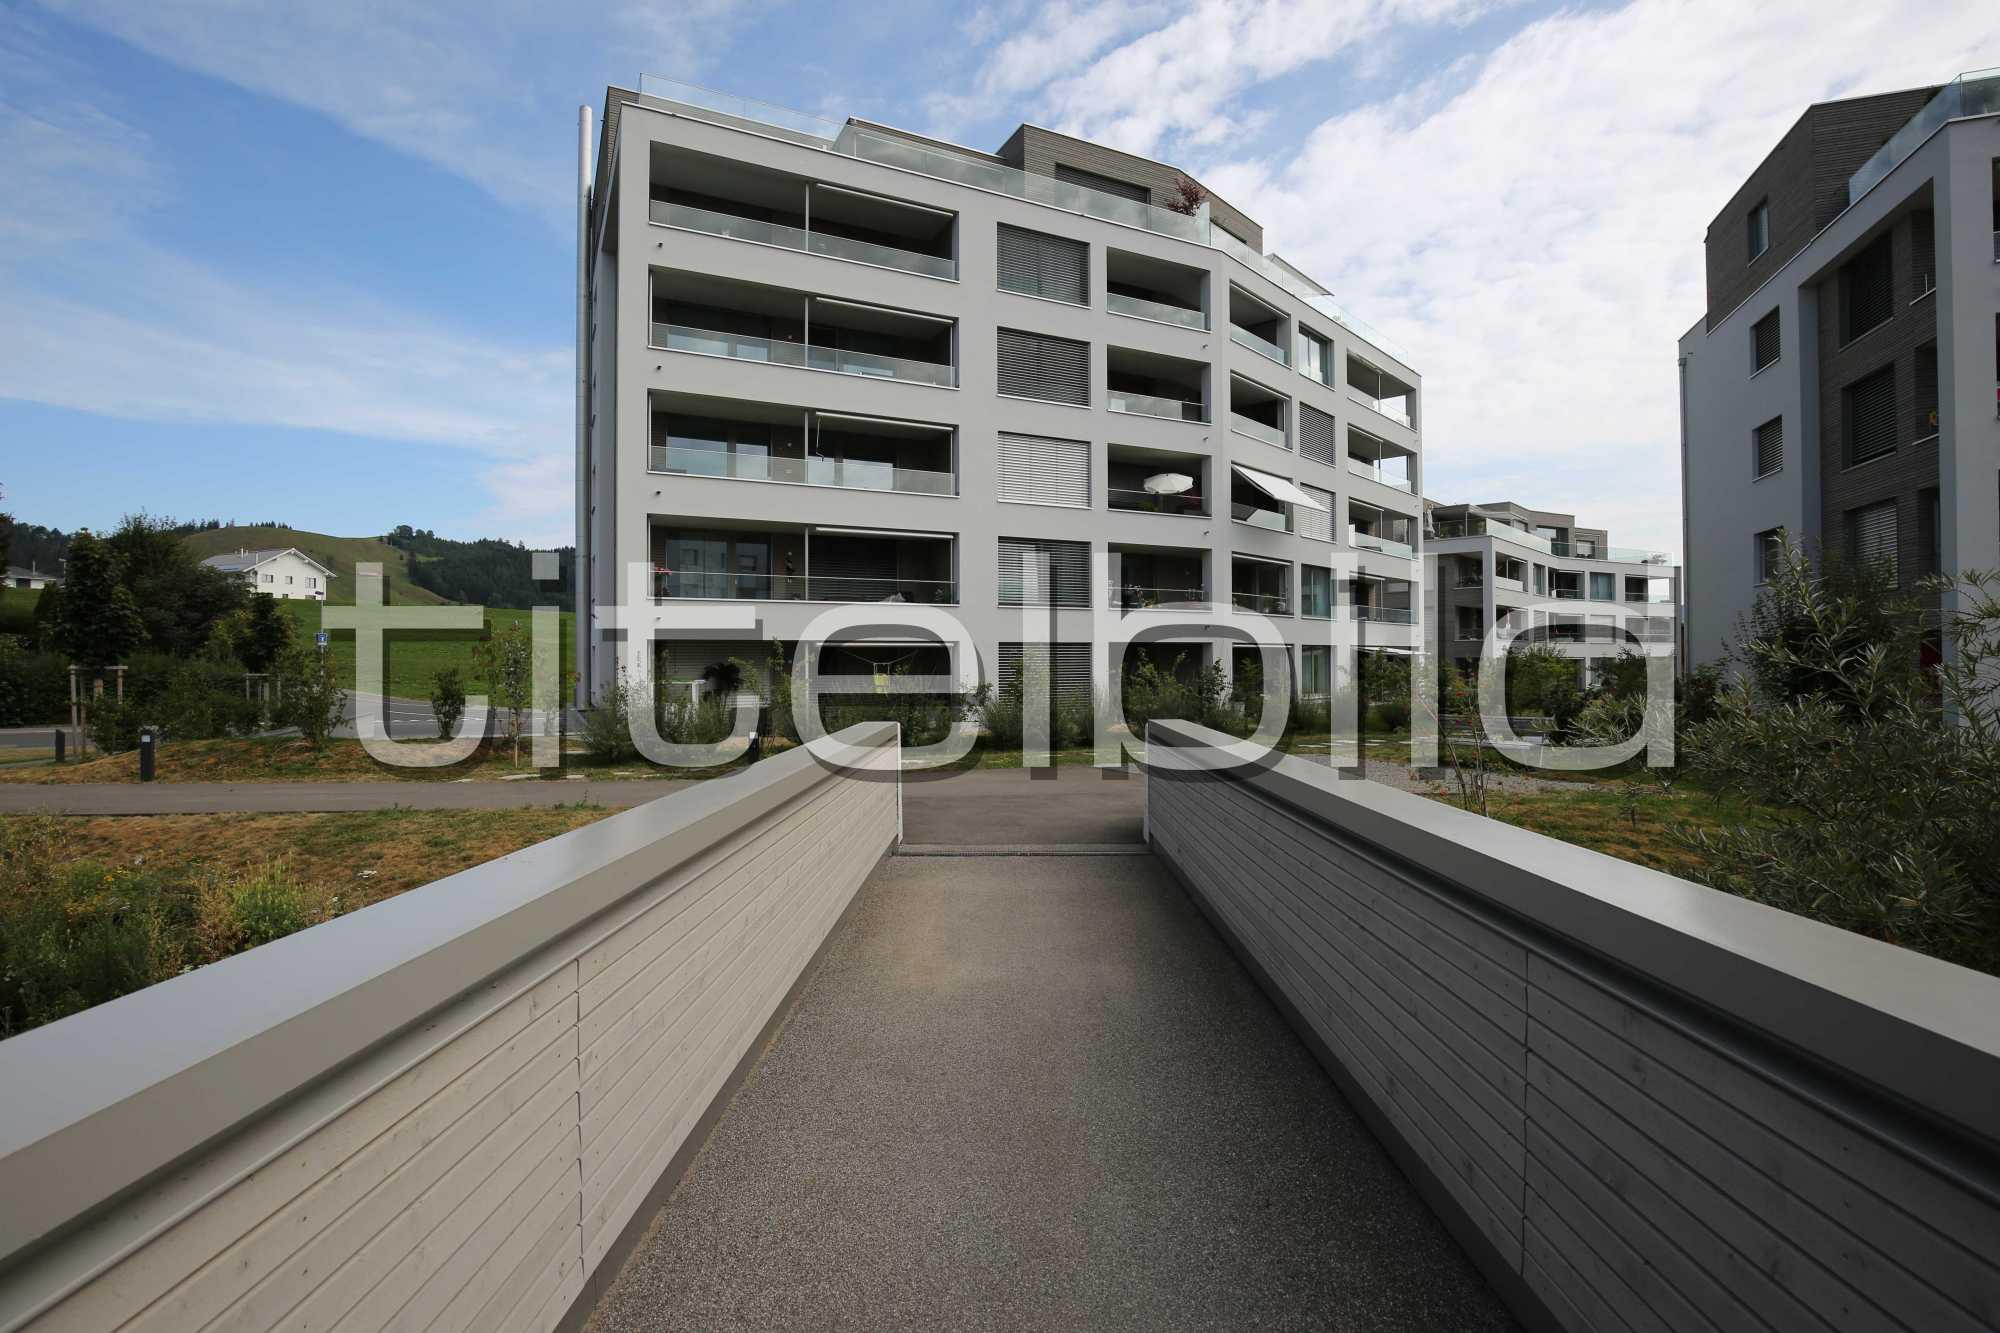 Projektbild-Nr. 2: Überbauung Obere Allmeind, 8840 Einsiedeln